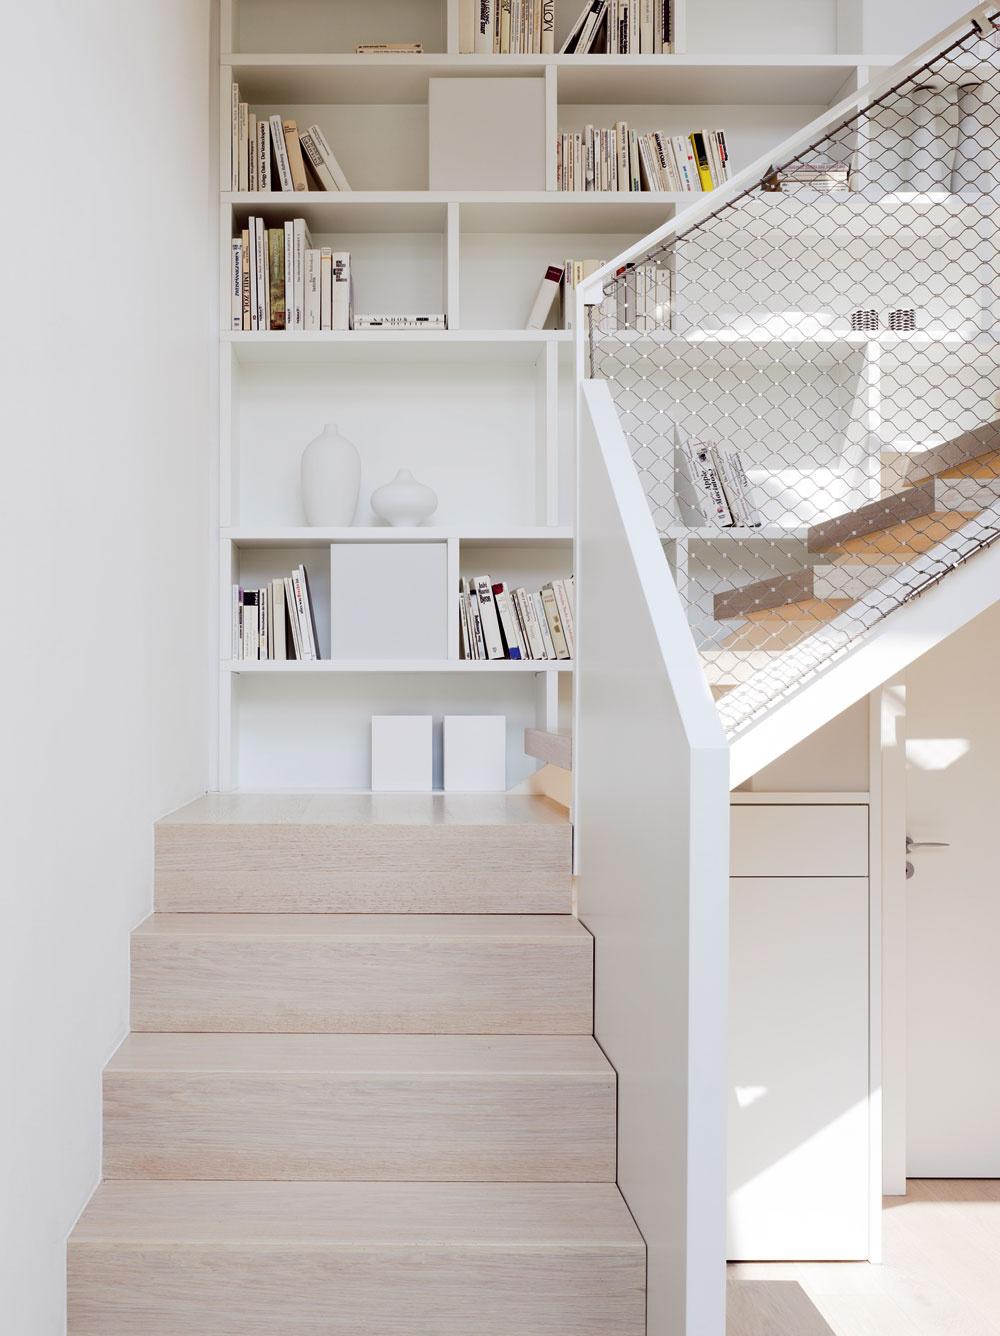 Denné svetlo hrá varchitektonickom koncepte nemeckého domu podstatnú úlohu, rovnako ako vo všetkých ostatných stavbách projektu Model Home 2020. Vďaka vysokému činiteľu dennej osvetlenosti, na ktorom majú aj tu veľký podiel strešné okná, sa totiž znižuje spotreba elektriny na osvetlenie.